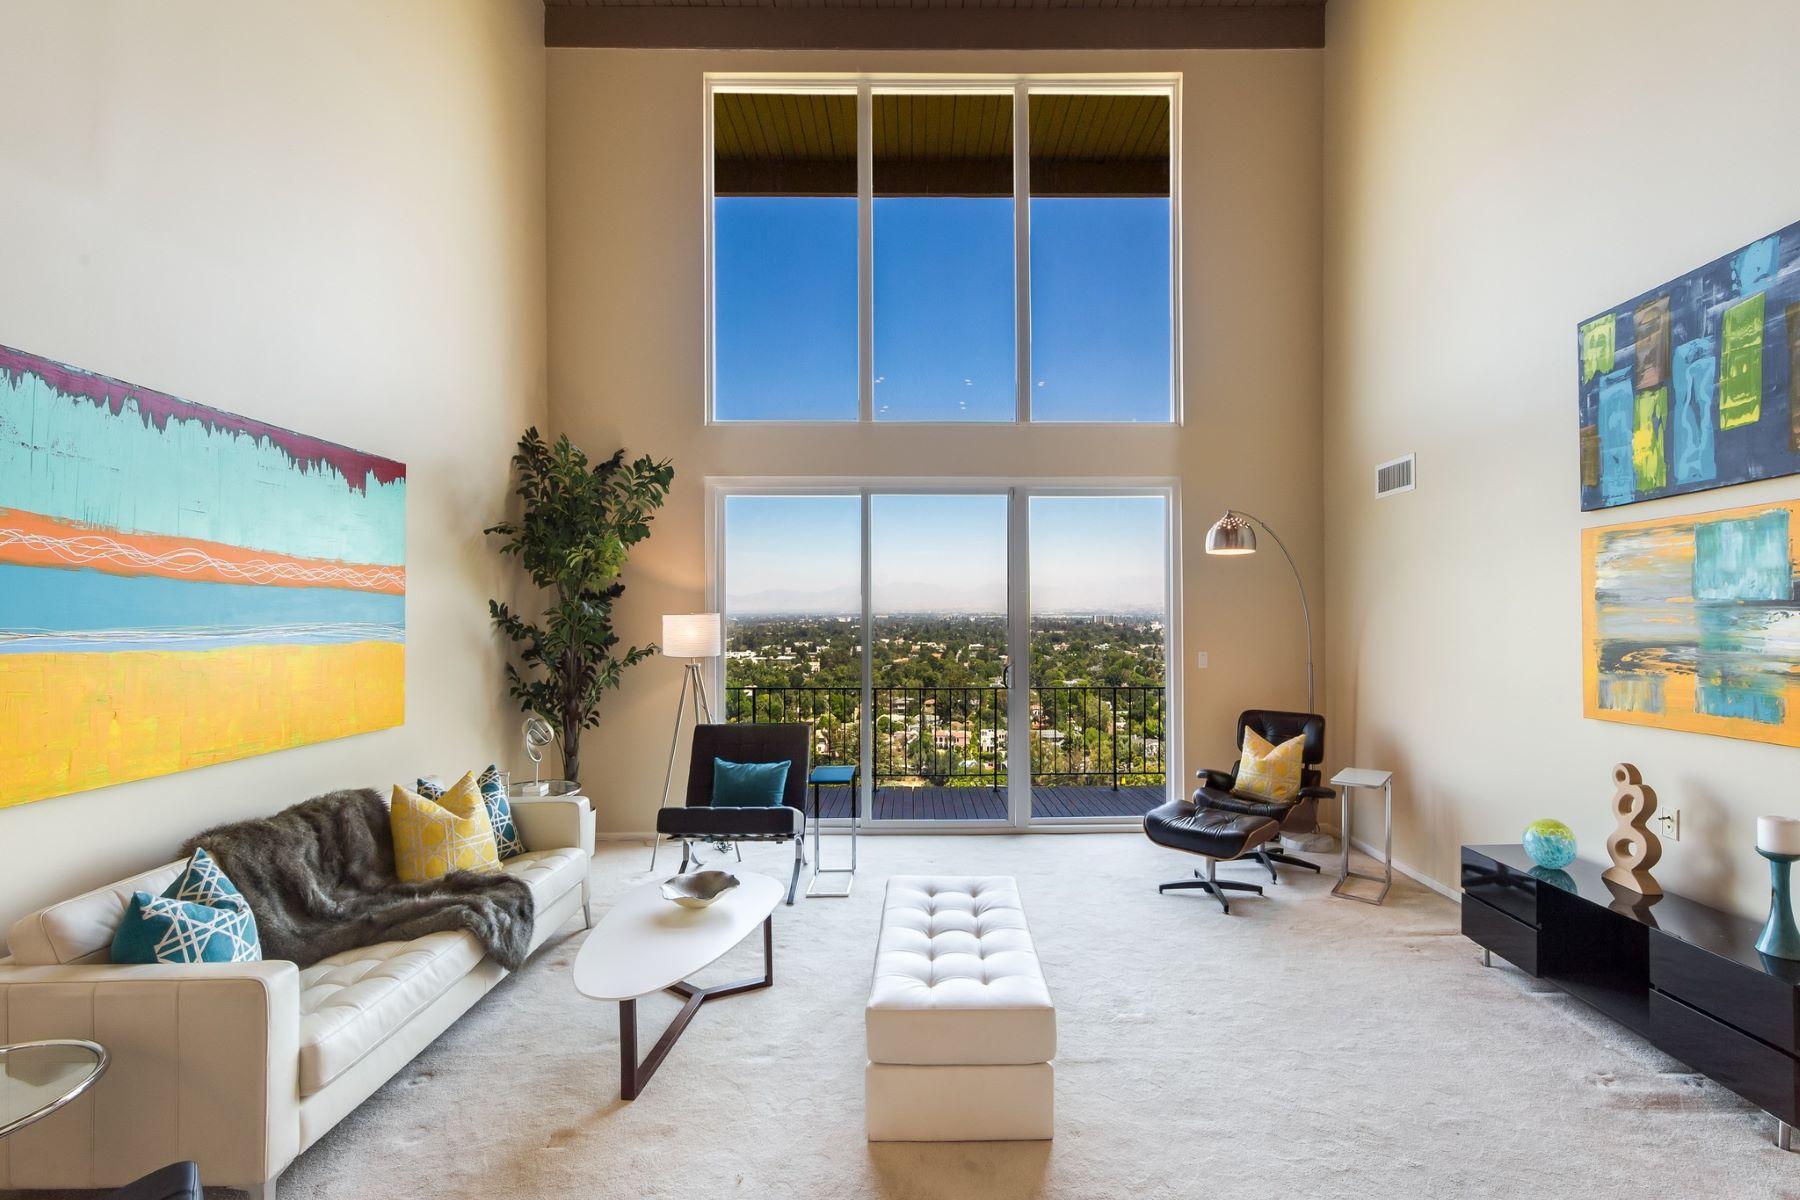 단독 가정 주택 용 매매 에 11559 Laurelcrest Dr Studio City, 캘리포니아, 91604 미국